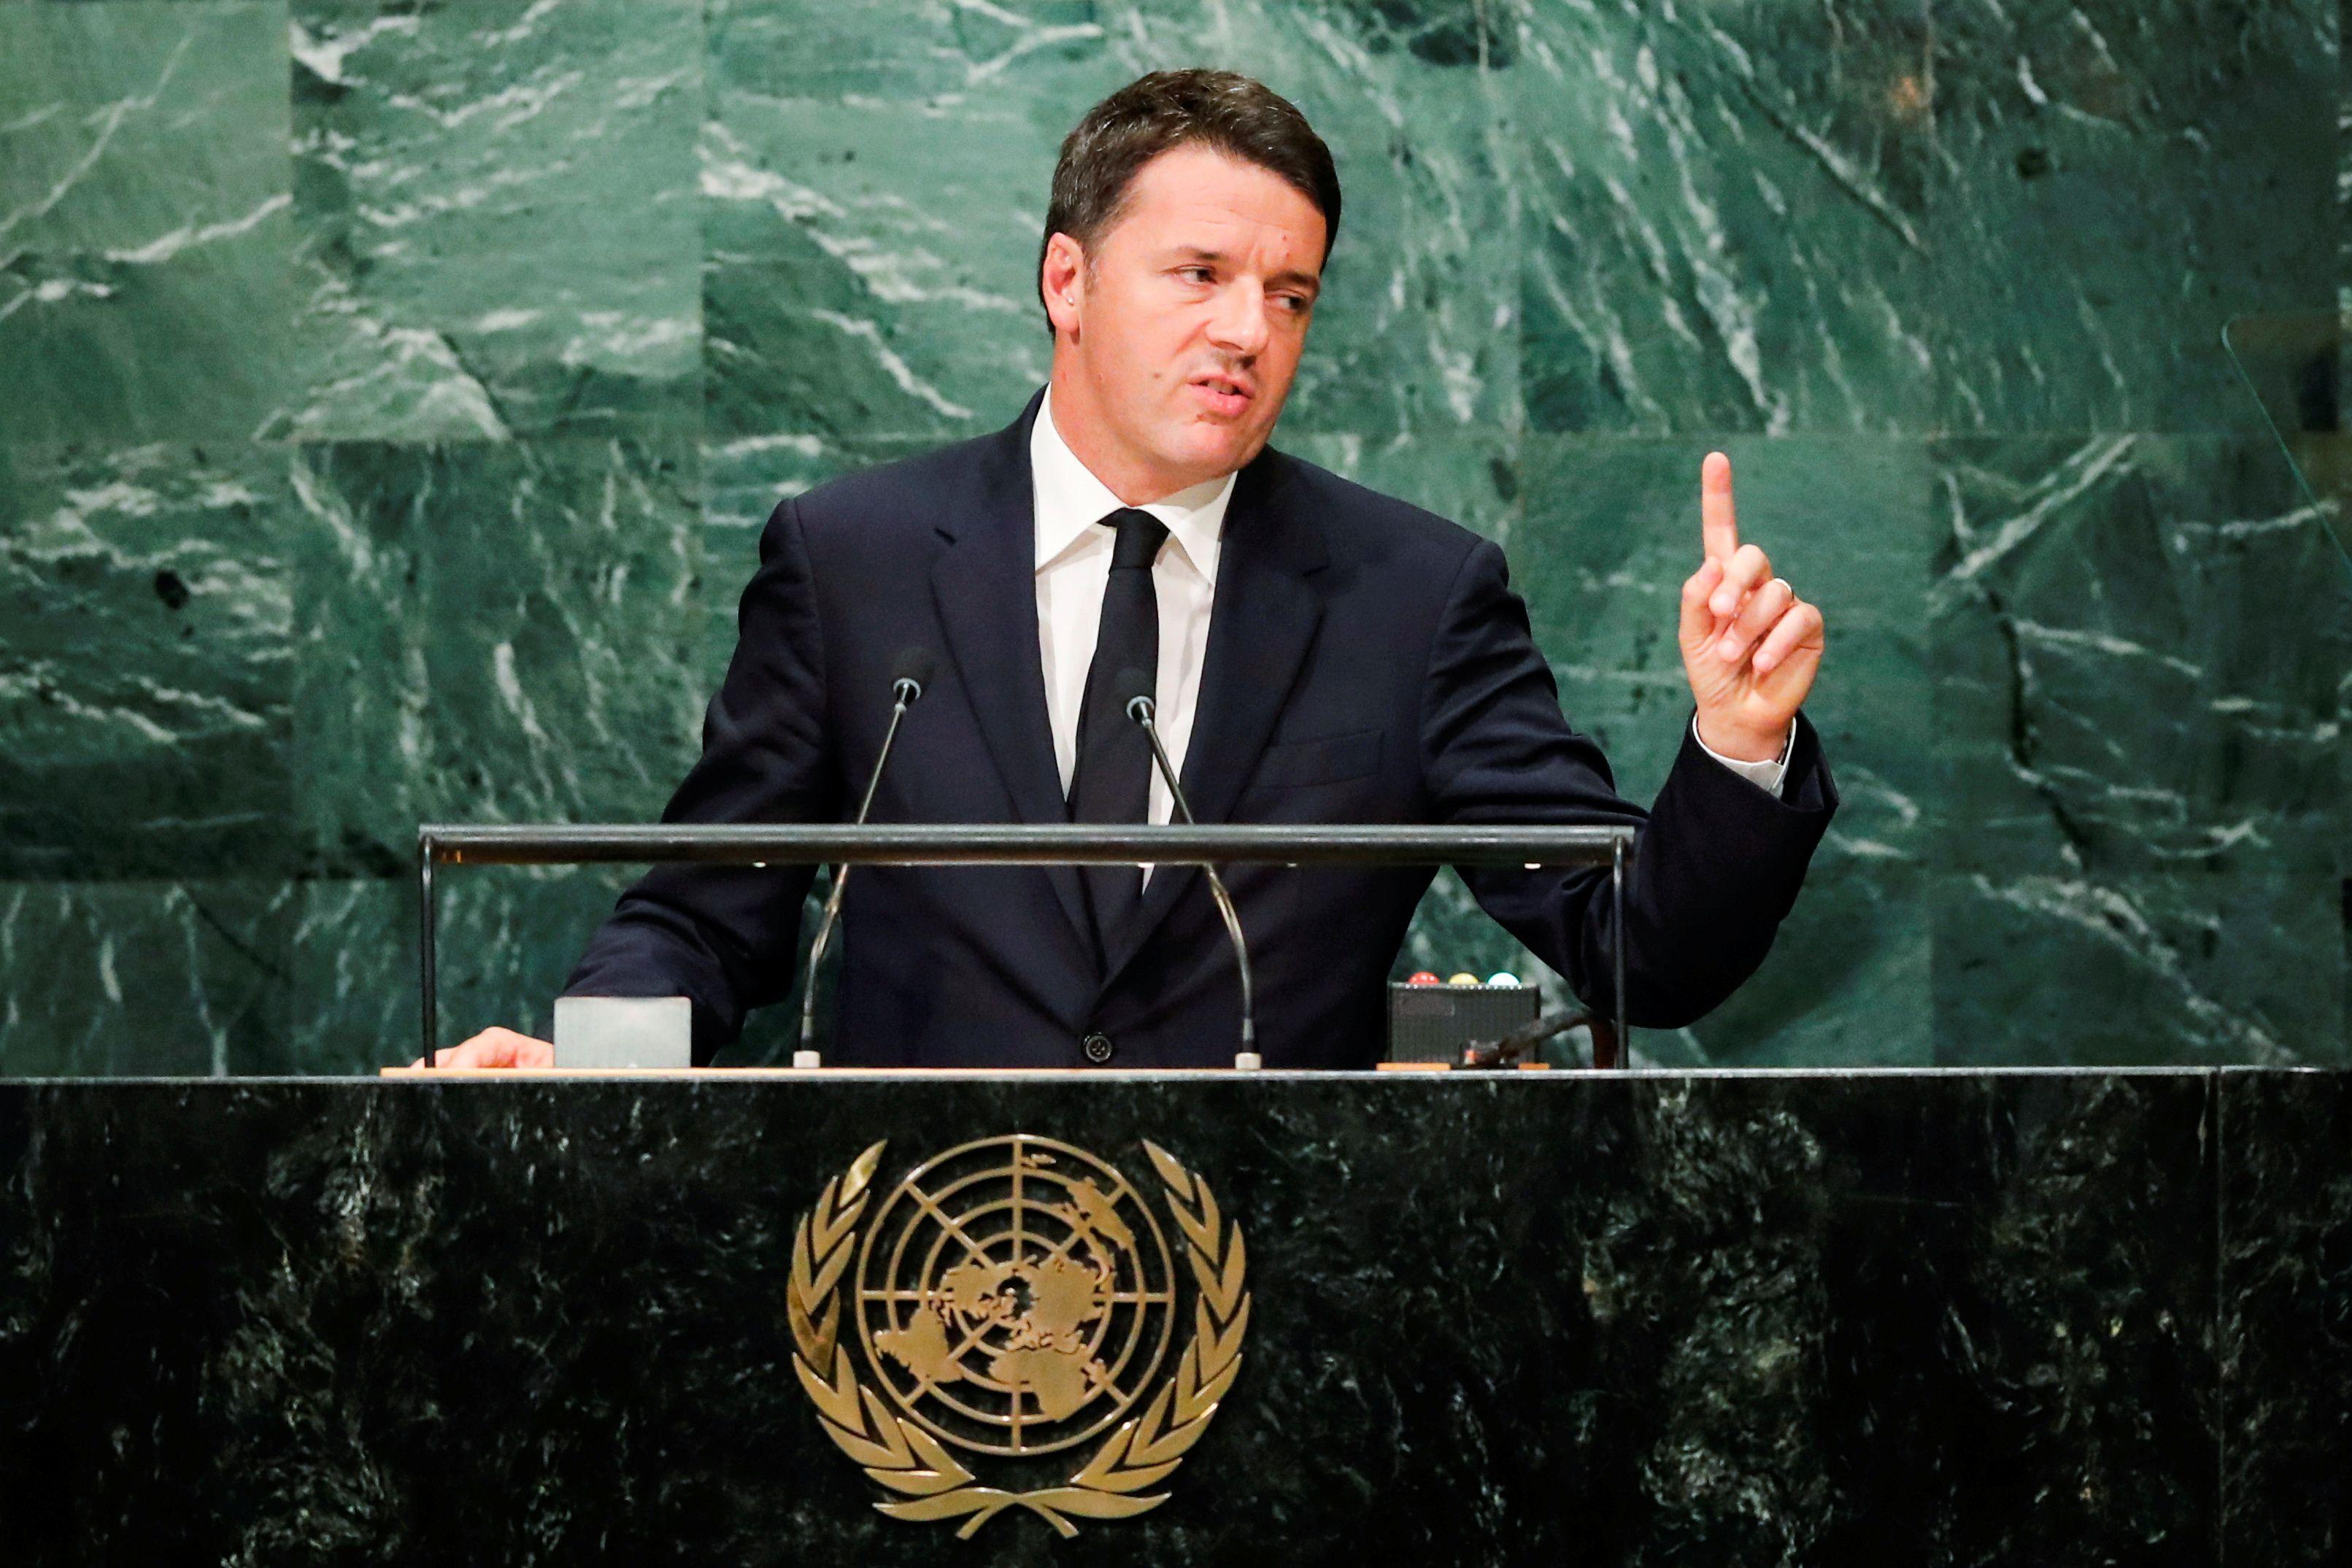 """Matteo Renzi : """"J'ai commis l'erreur de politiser le référendum"""""""